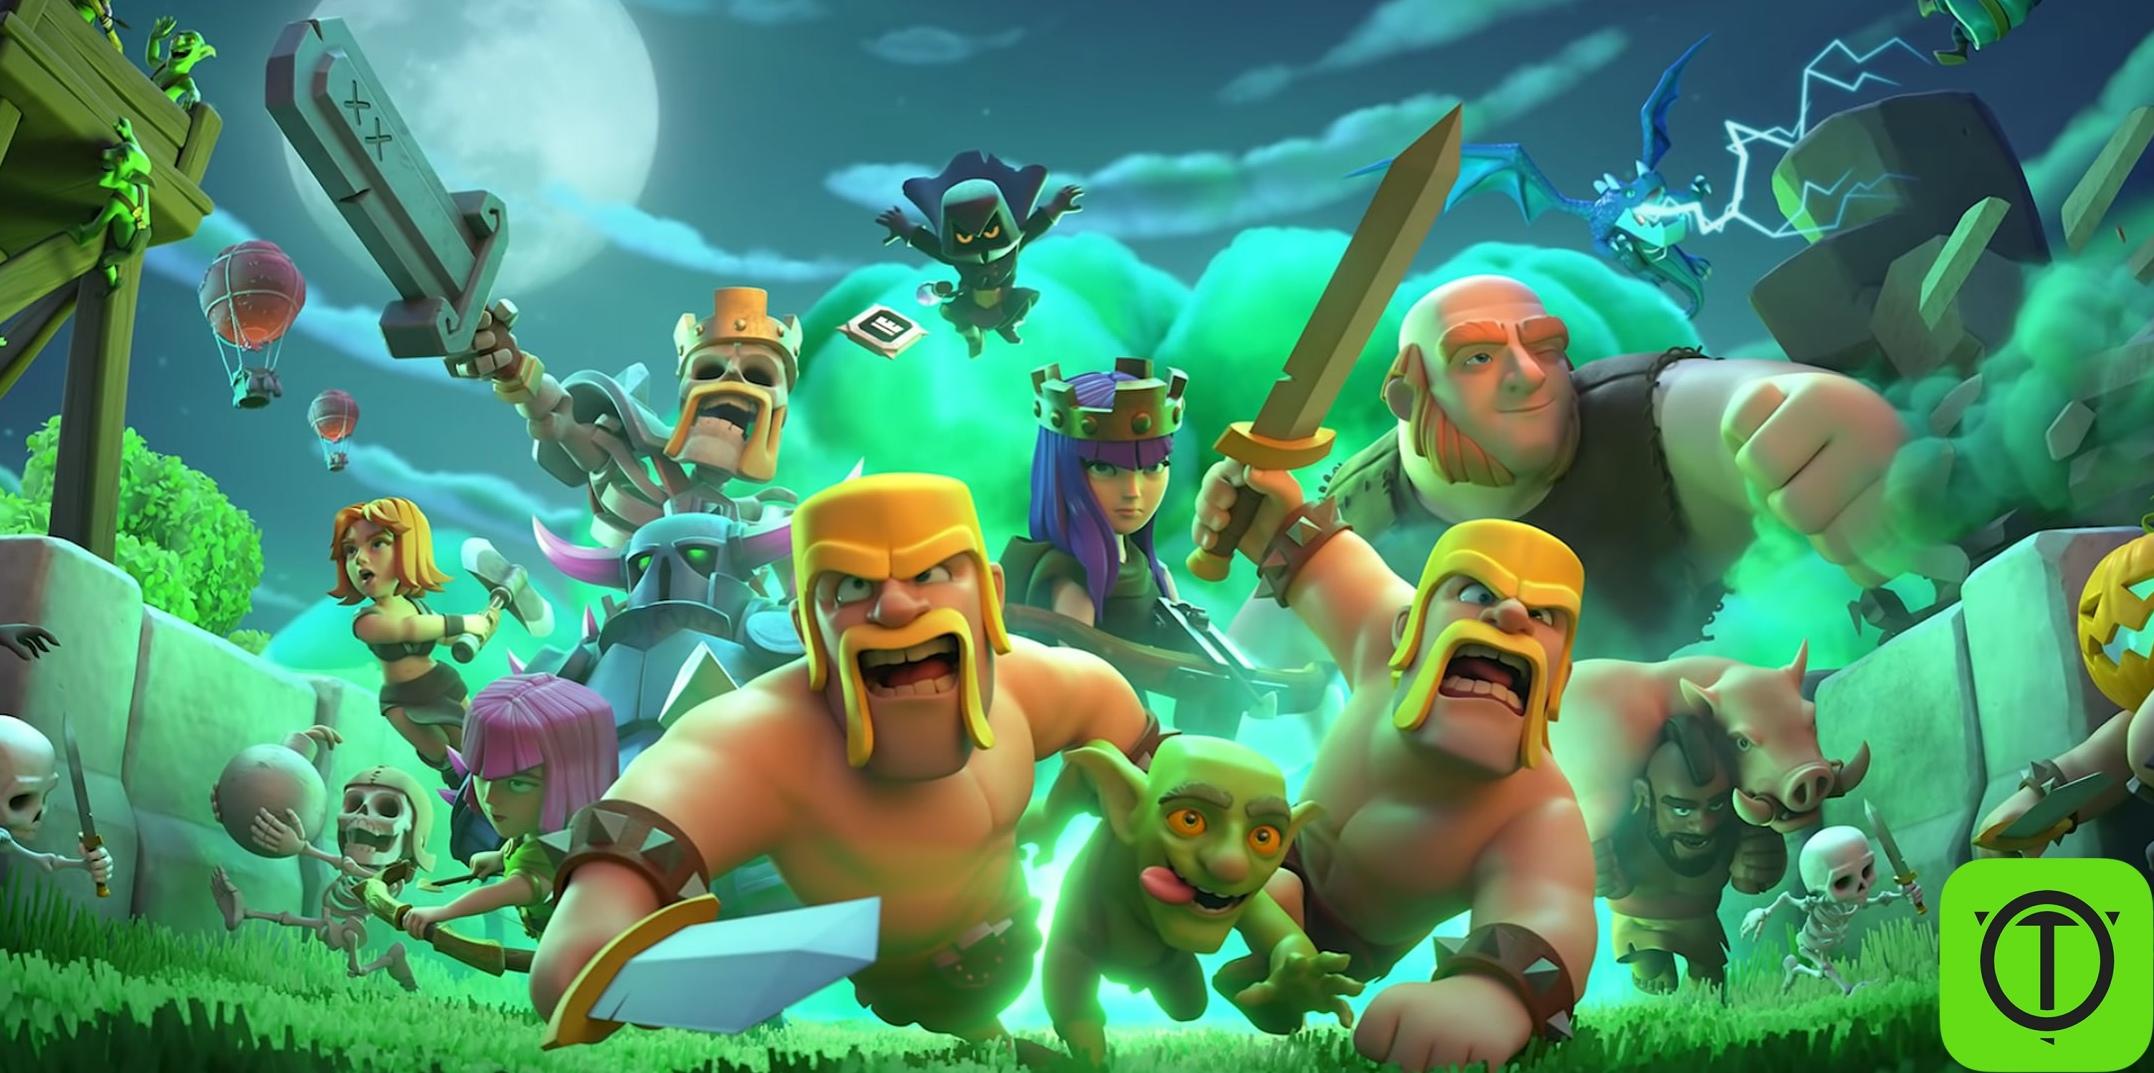 Новый загрузочный экран в Clash of Clans. #coc_news@opegitstudio